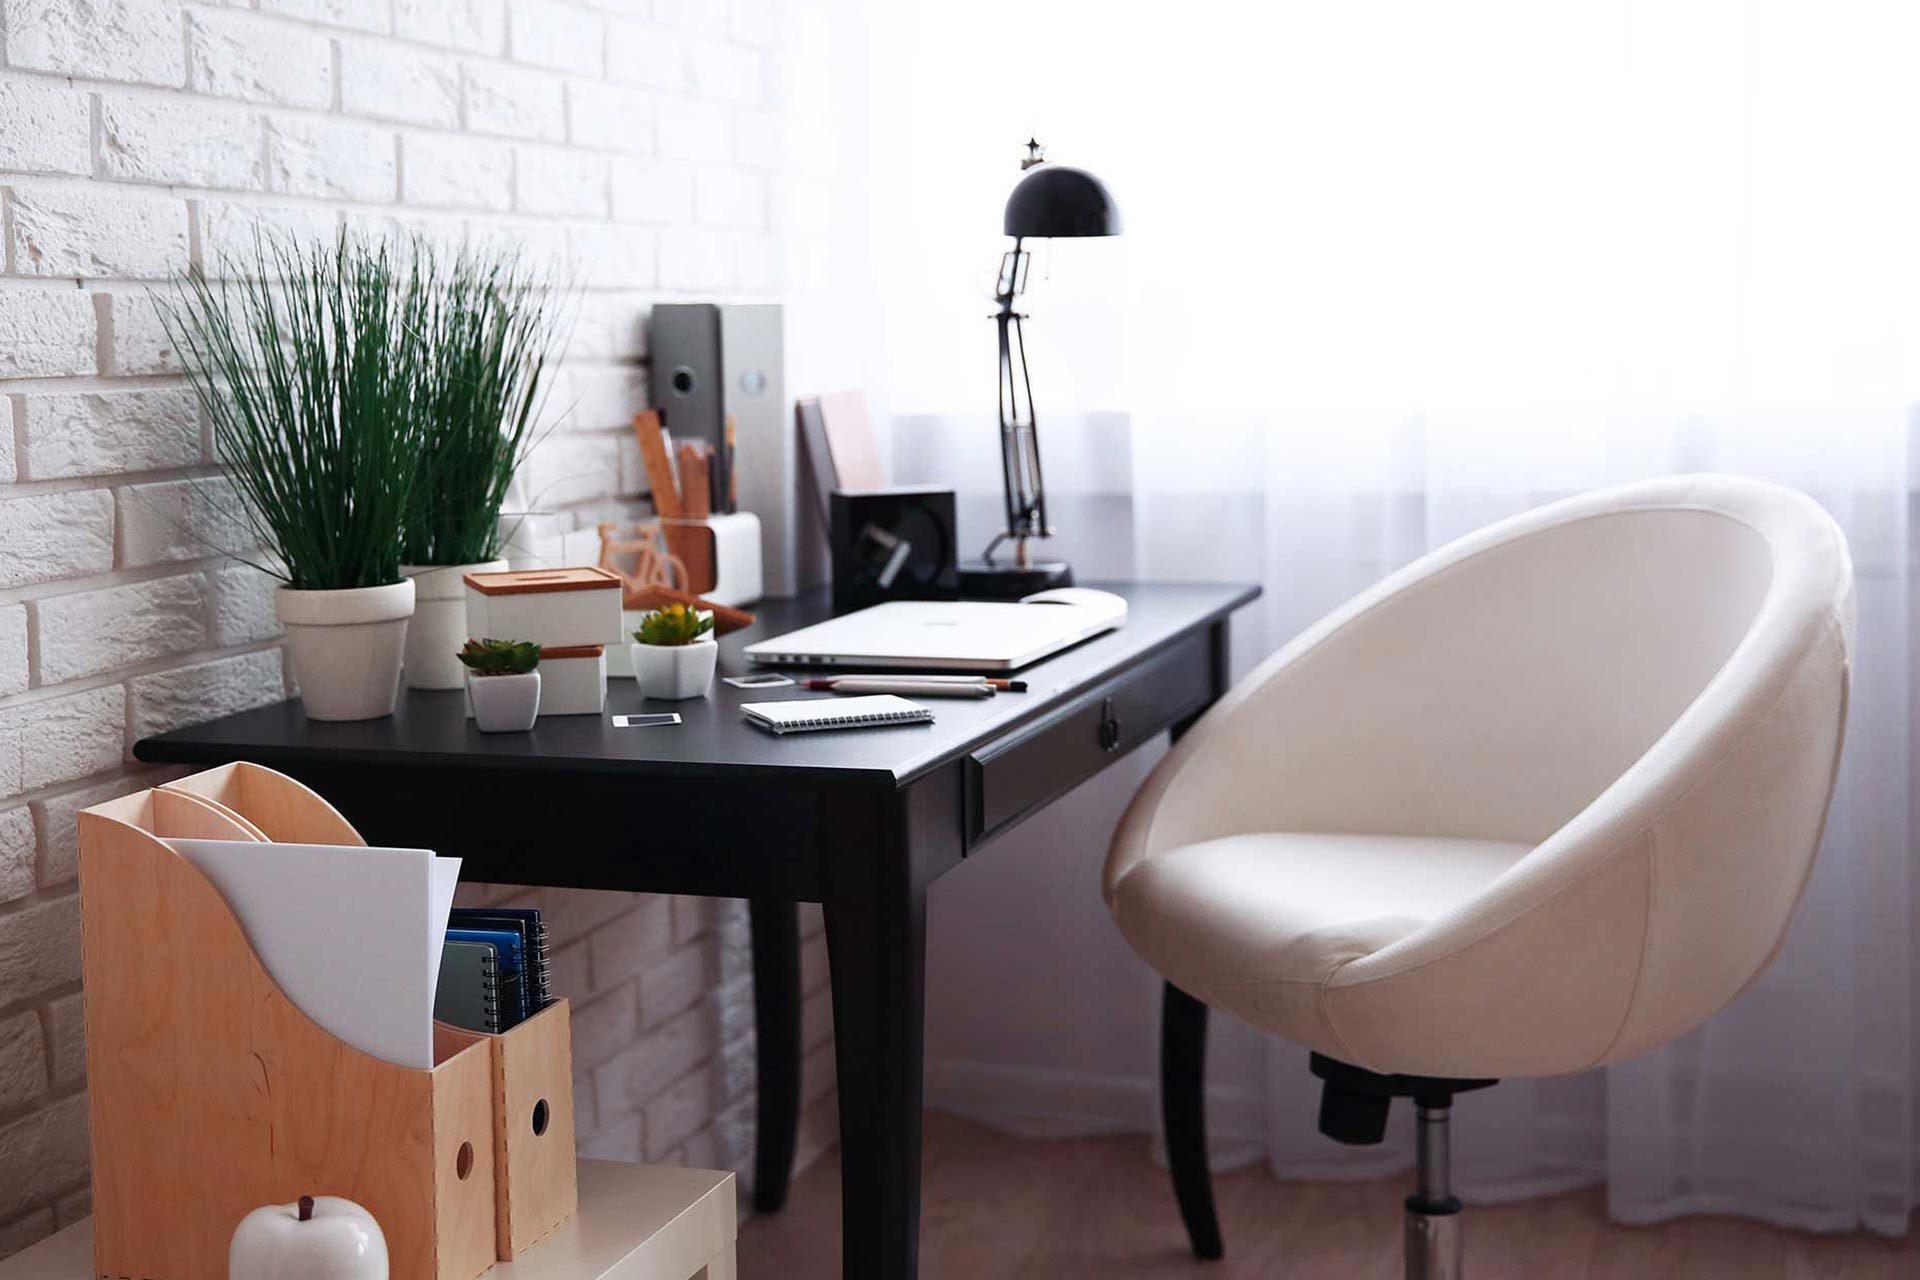 Ufficio in casa: come organizzarlo in modo efficiente